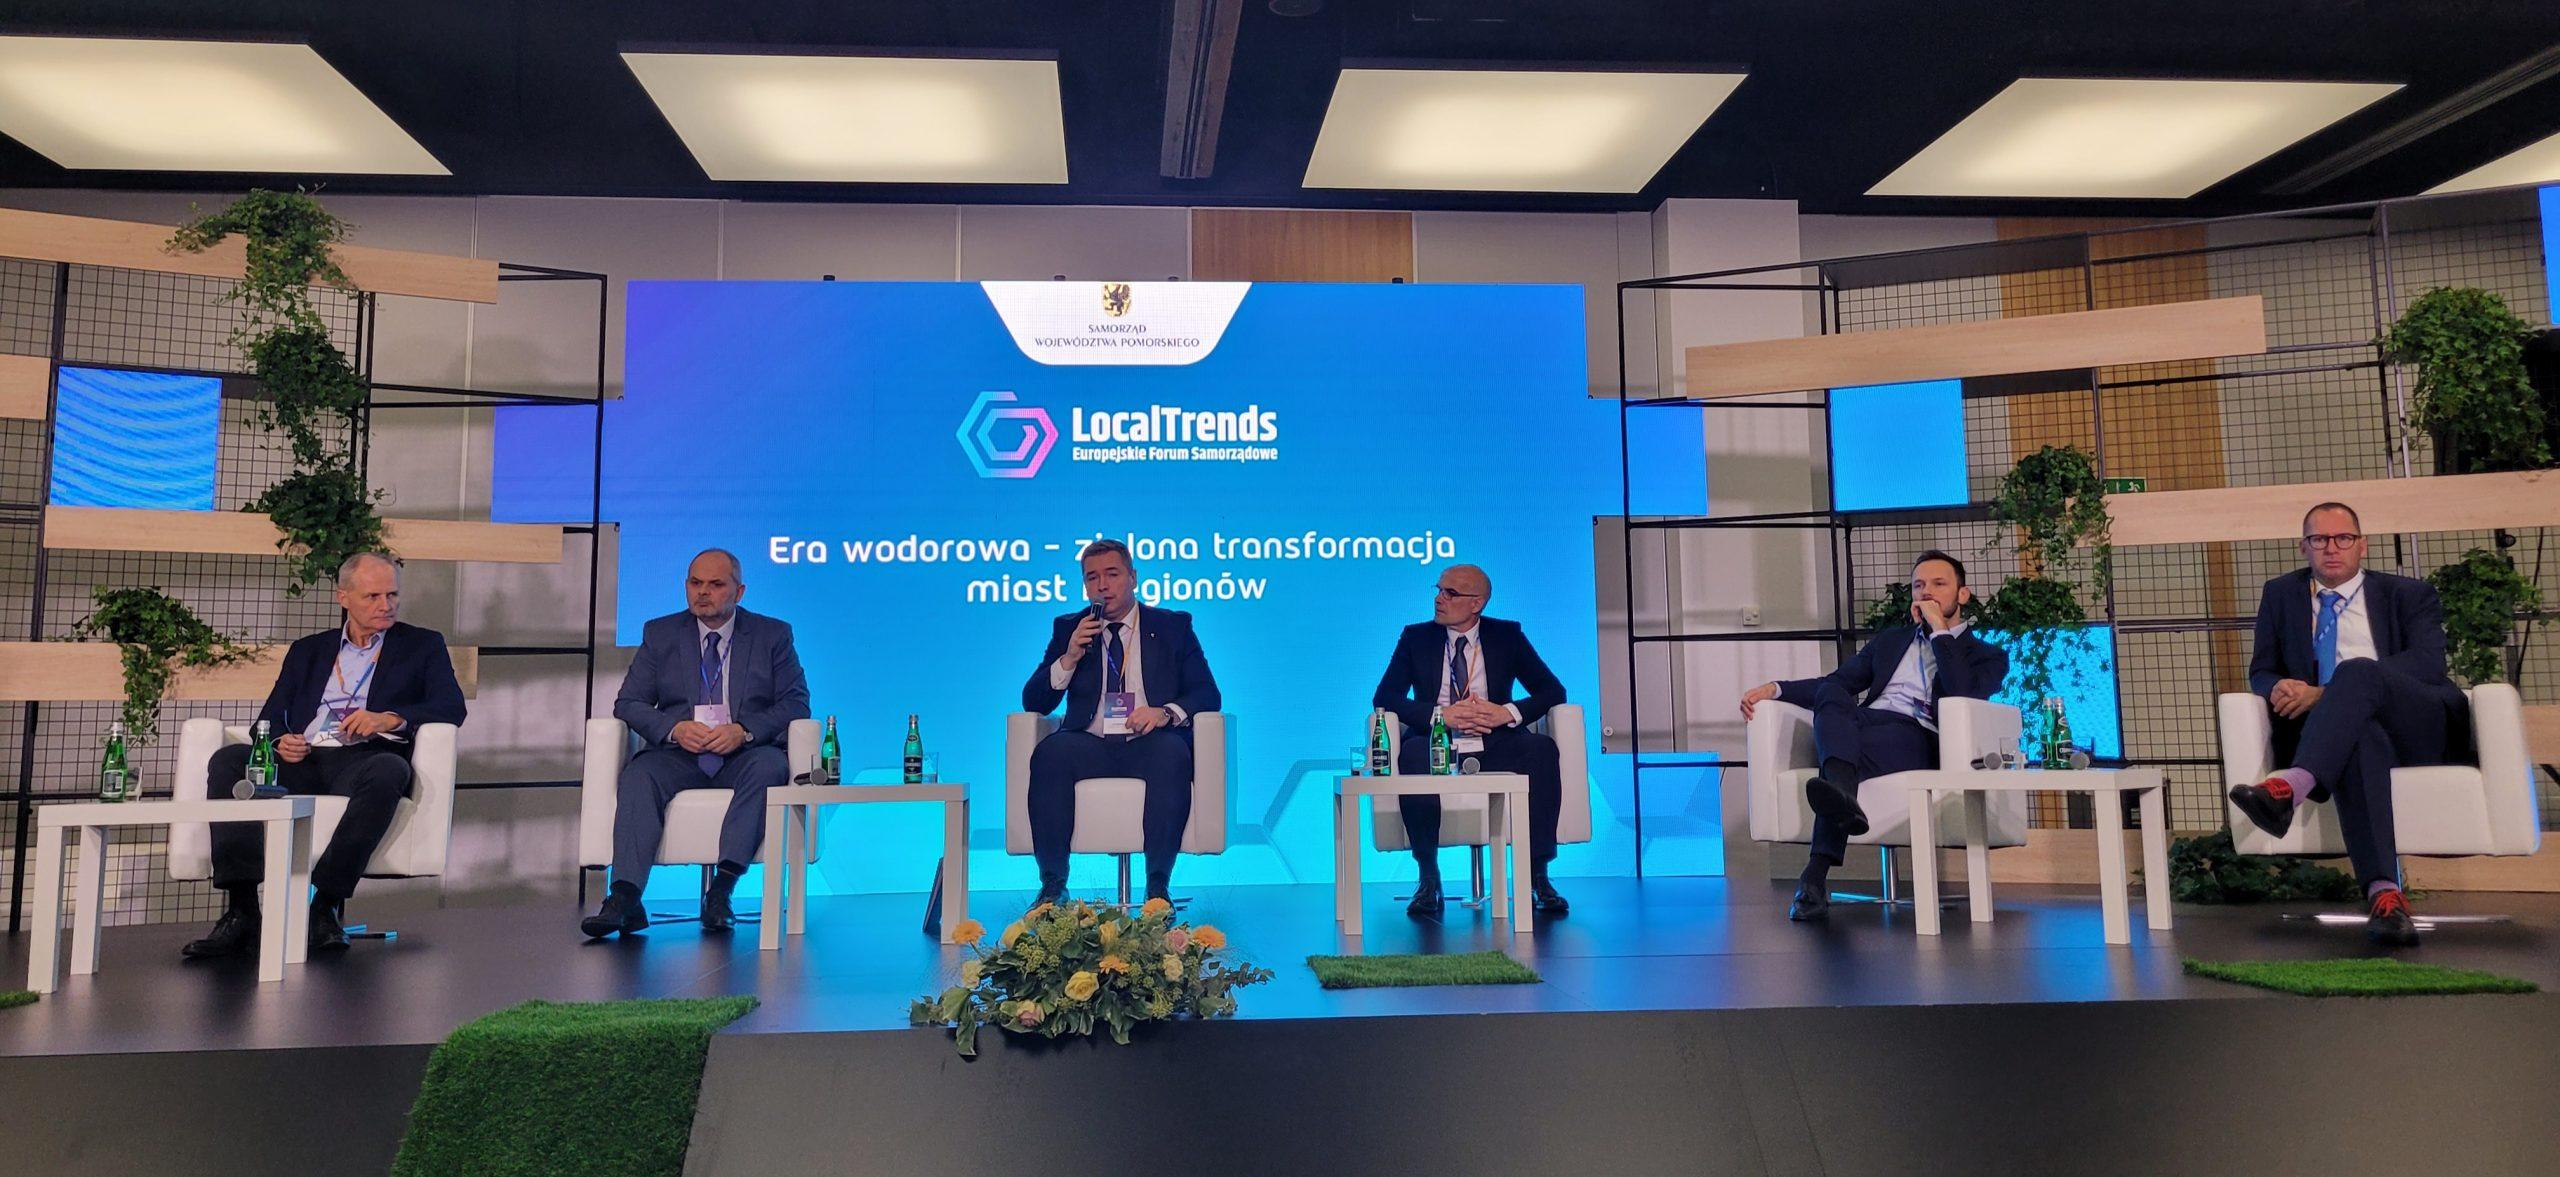 H2Wielkopolska na LocalTrends – Europejskie Forum Samorządowe